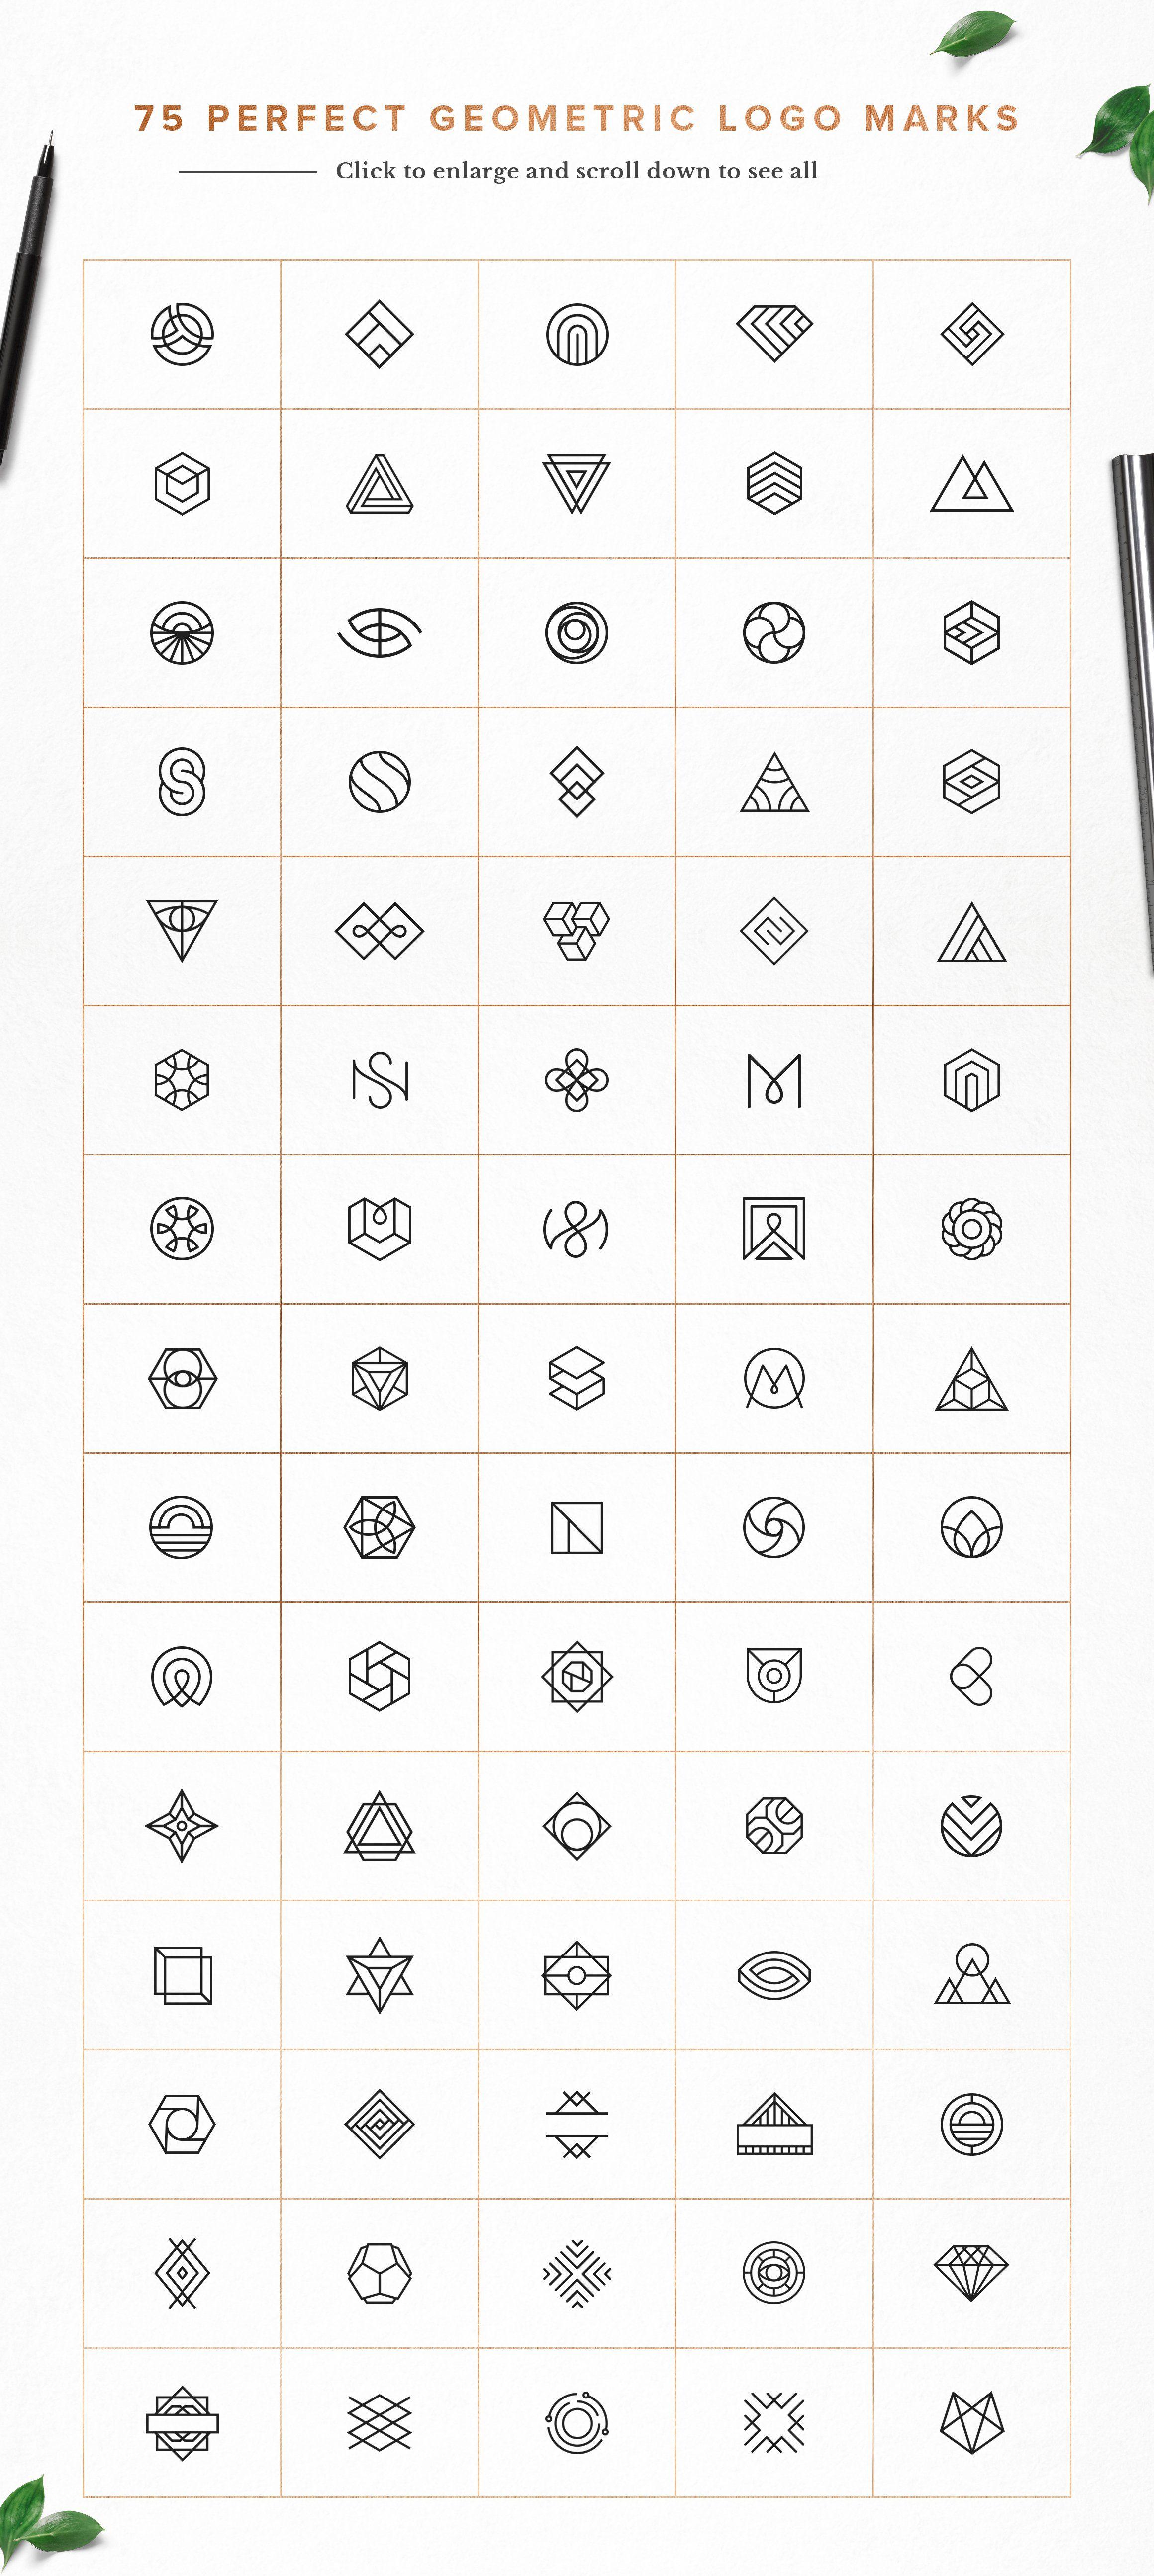 Photo of 75 Pacote de logotipo geométrico da família Spensers no mercado criativo